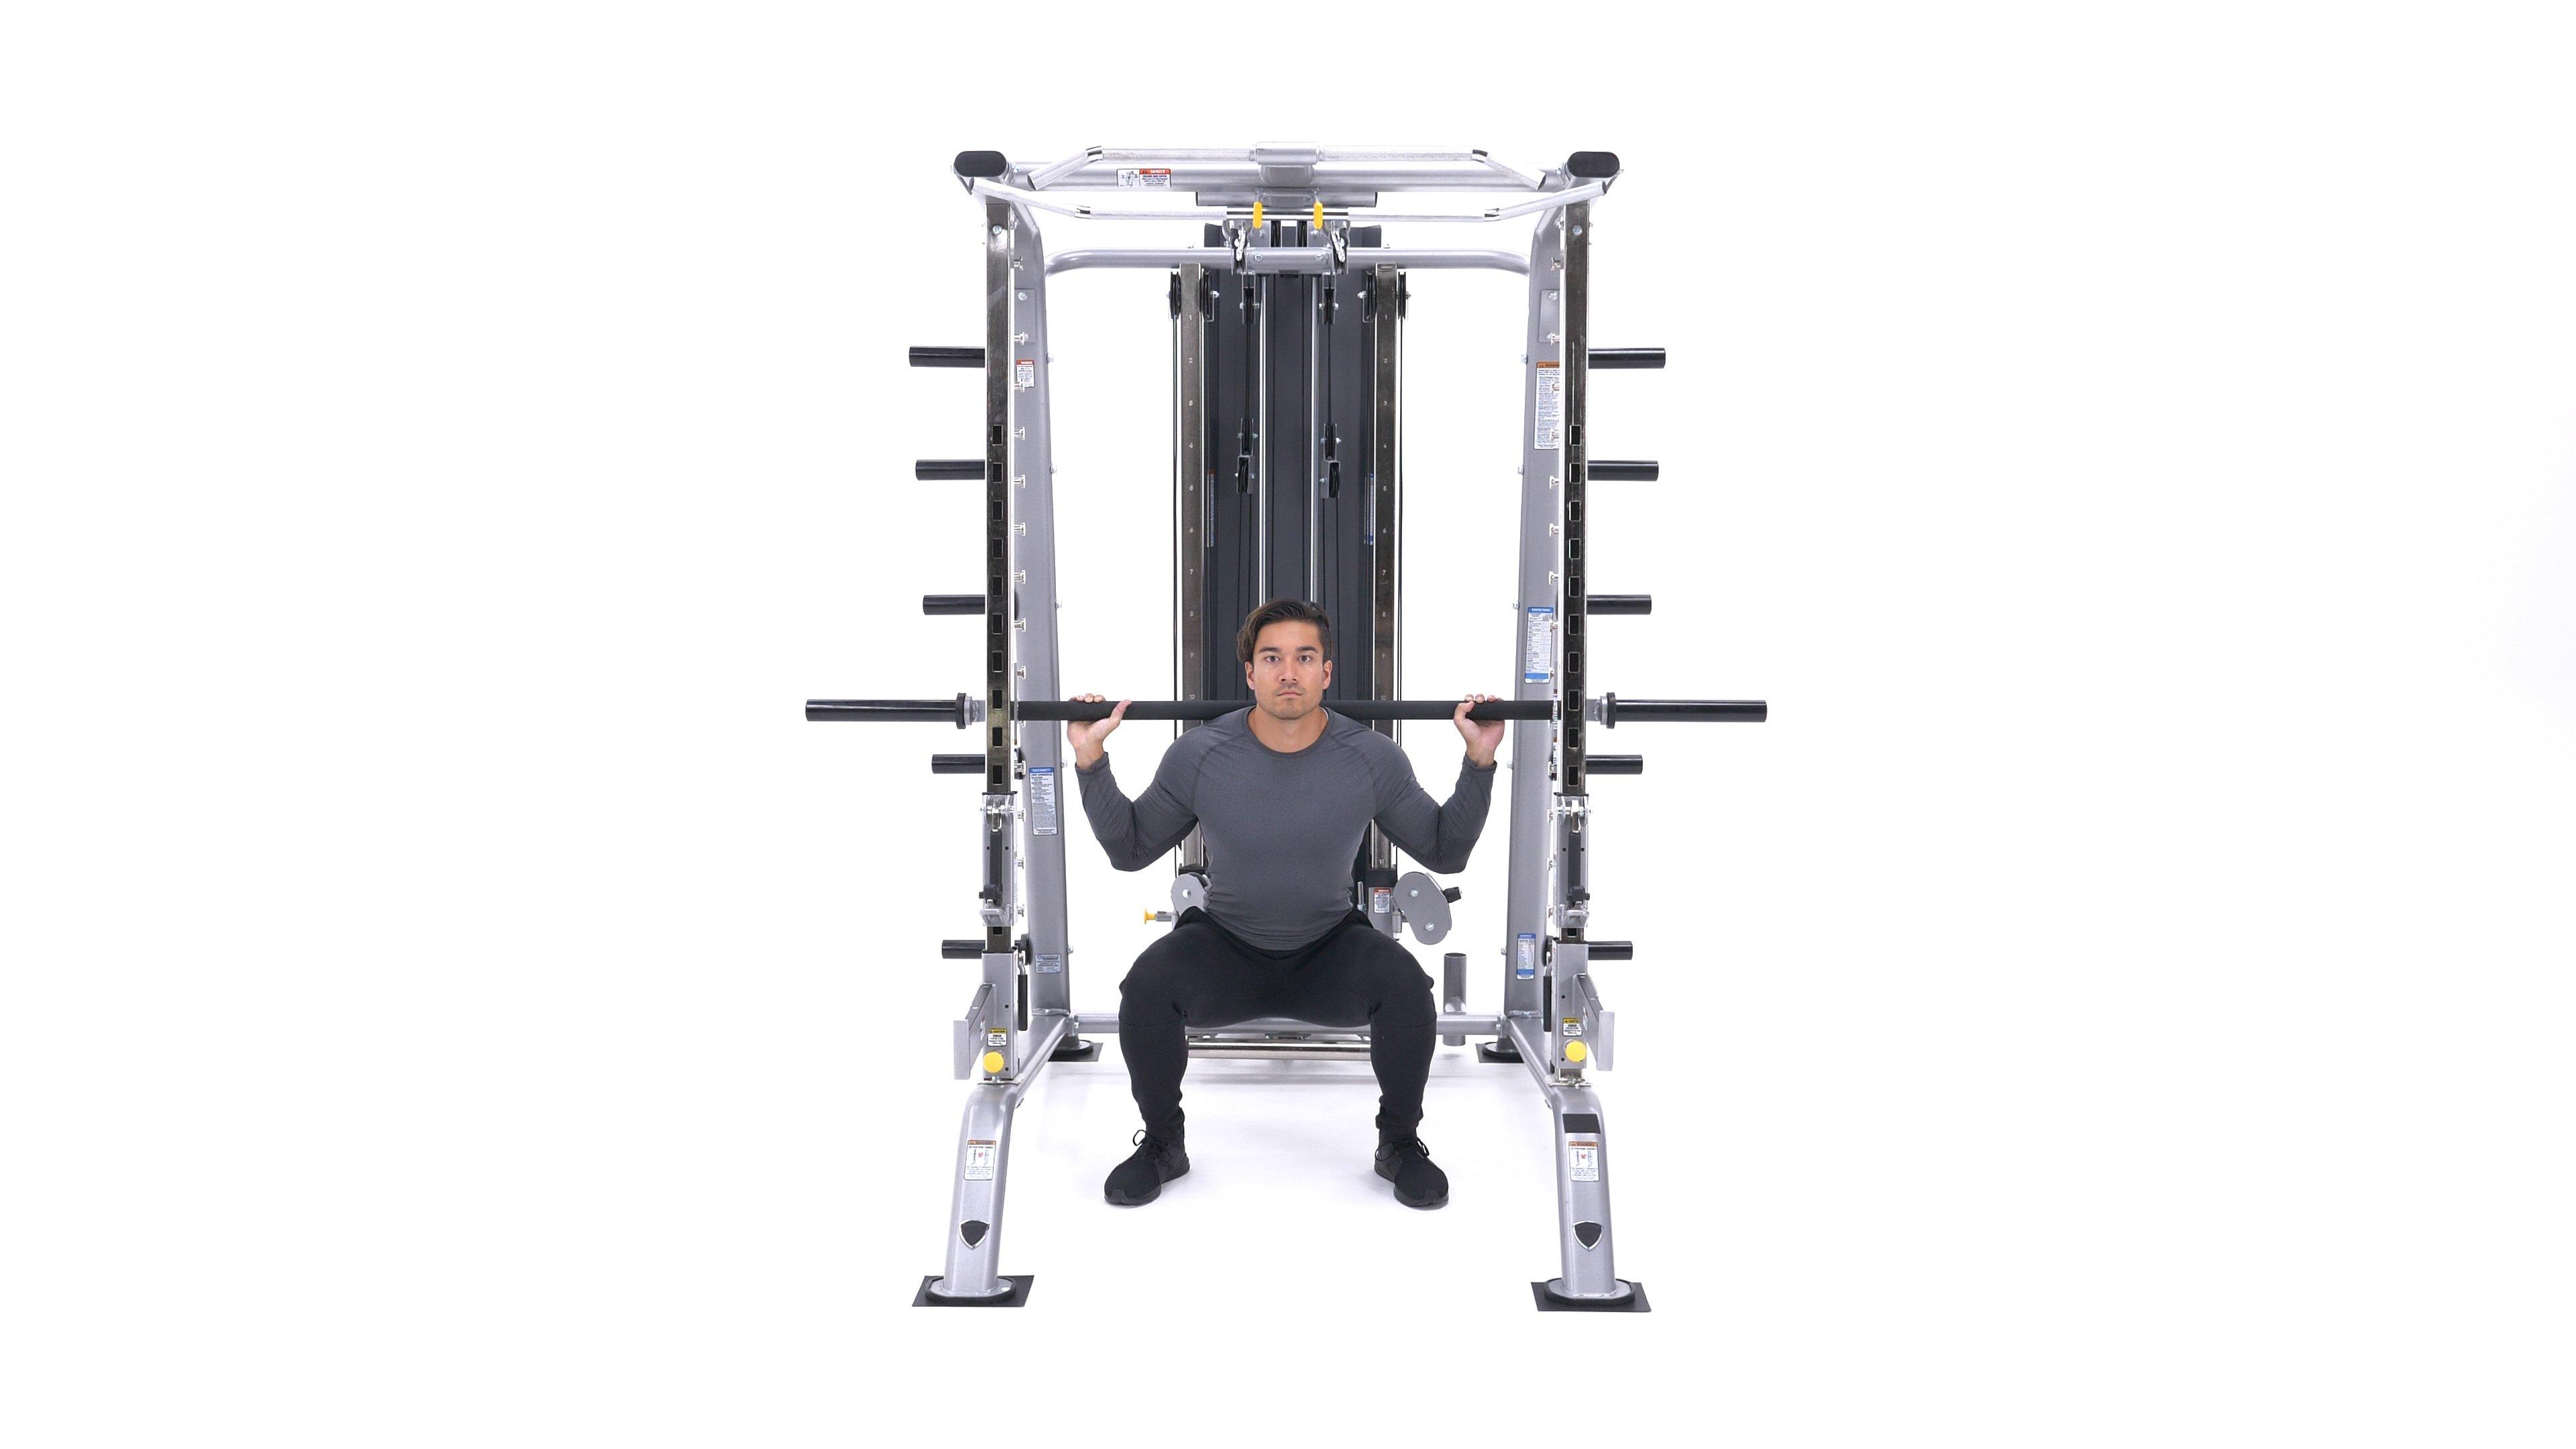 Smith machine back squat image